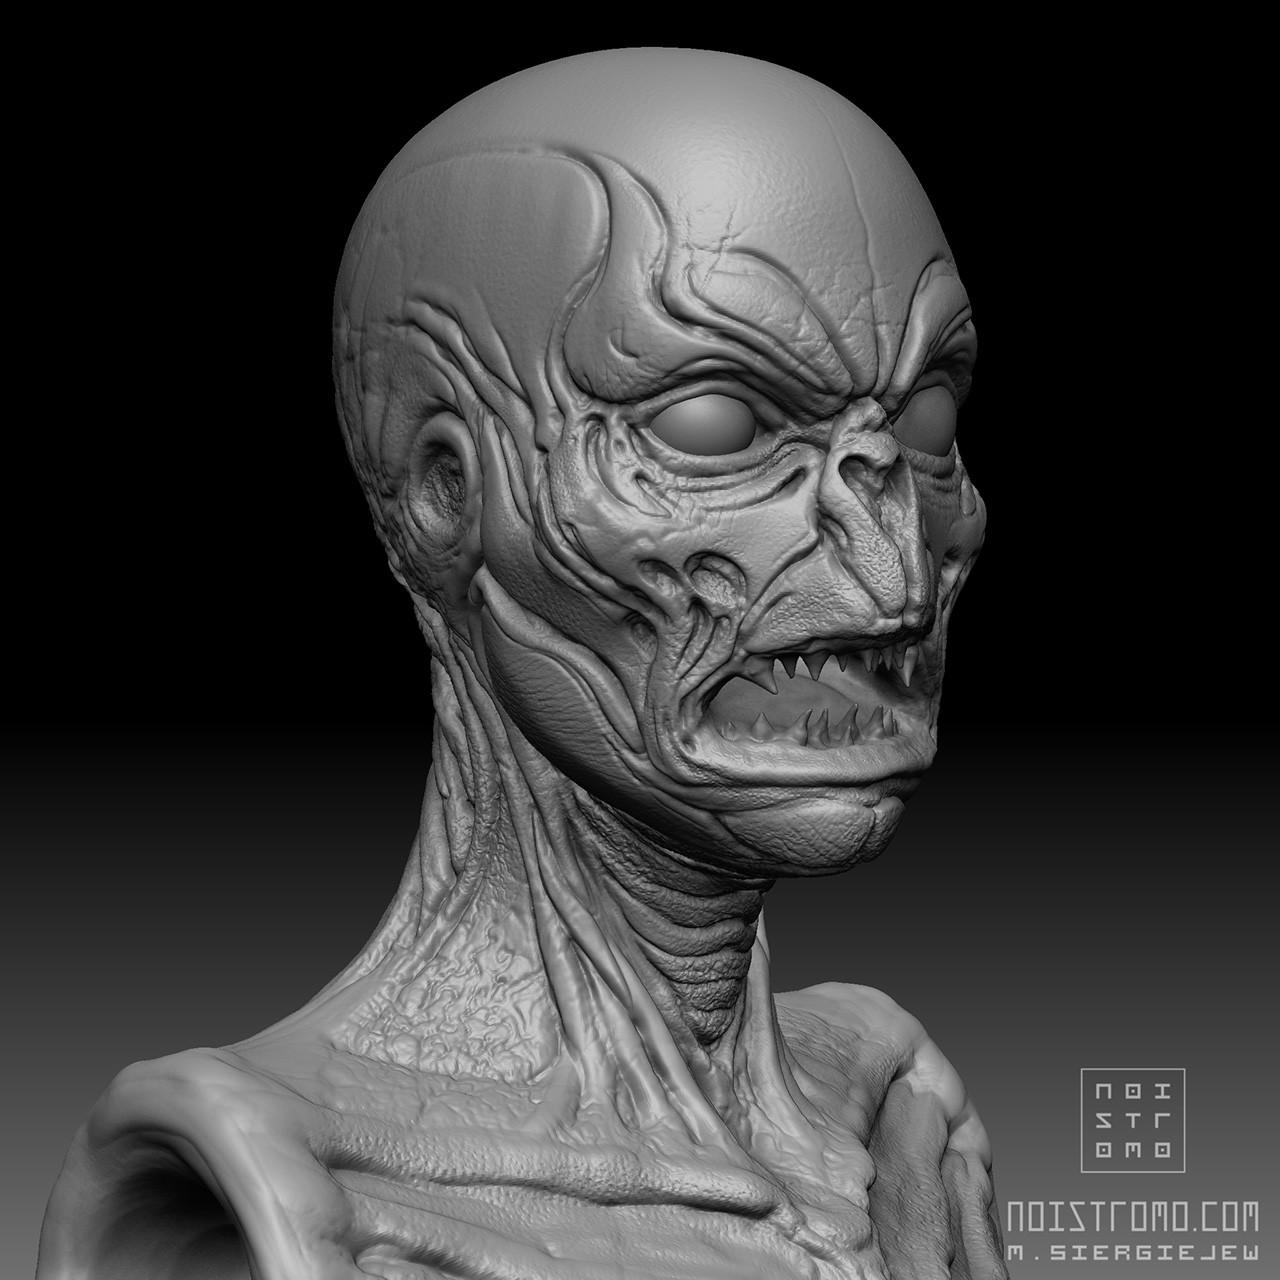 Marius siergiejew zombie mutant by noistromo wip zbshot 001